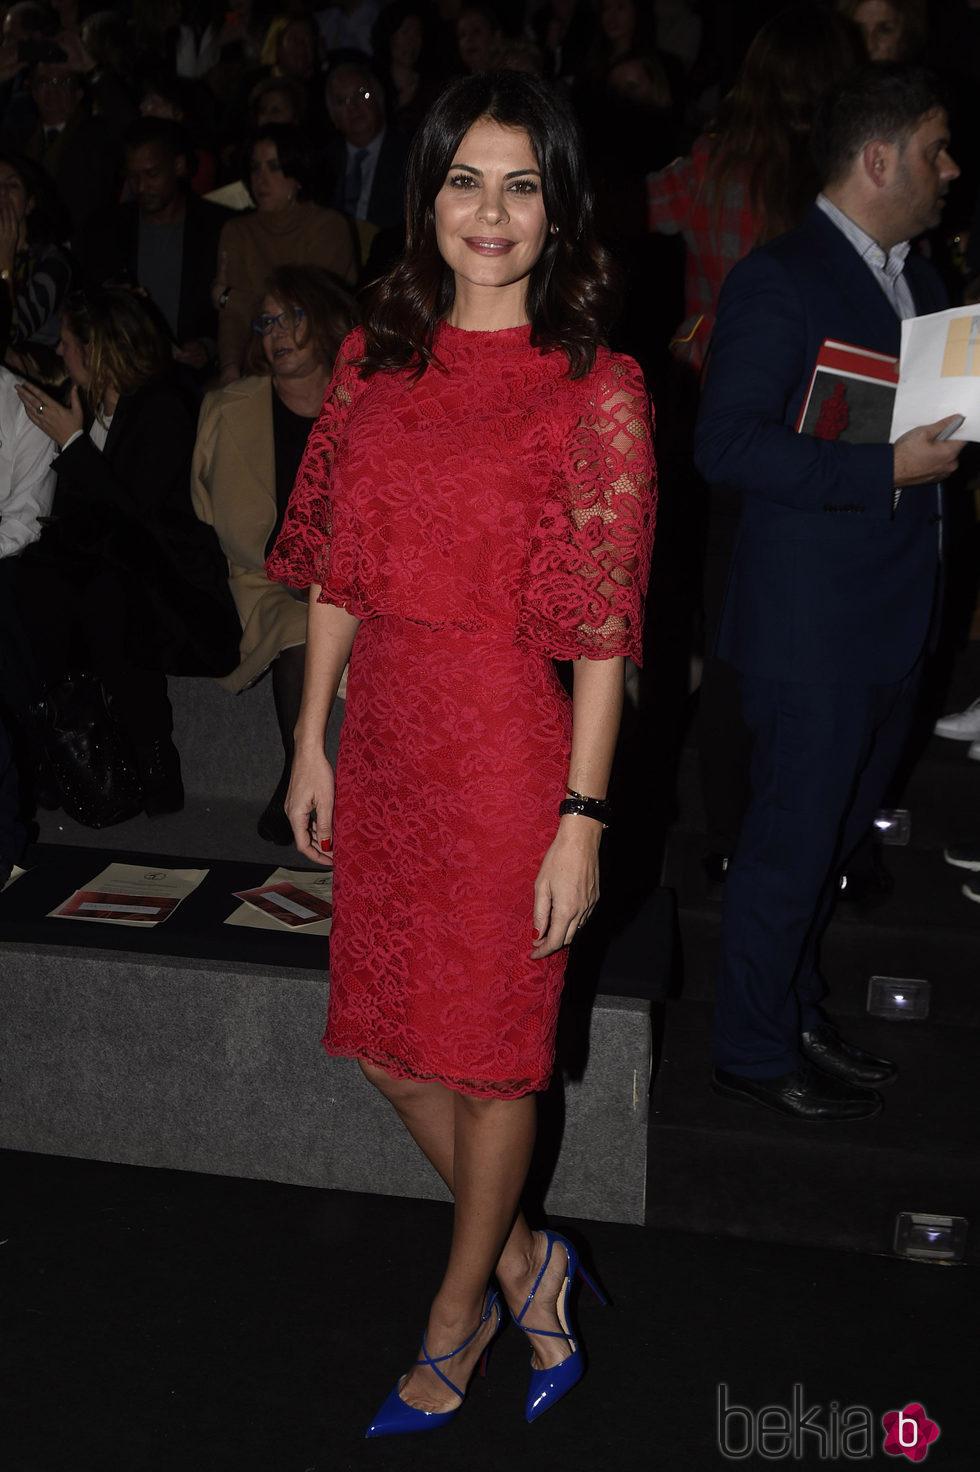 María José Suárez en la entrega del Premio L'Oreal en Madrid Fashion Week otoño/invierno 2016/2017